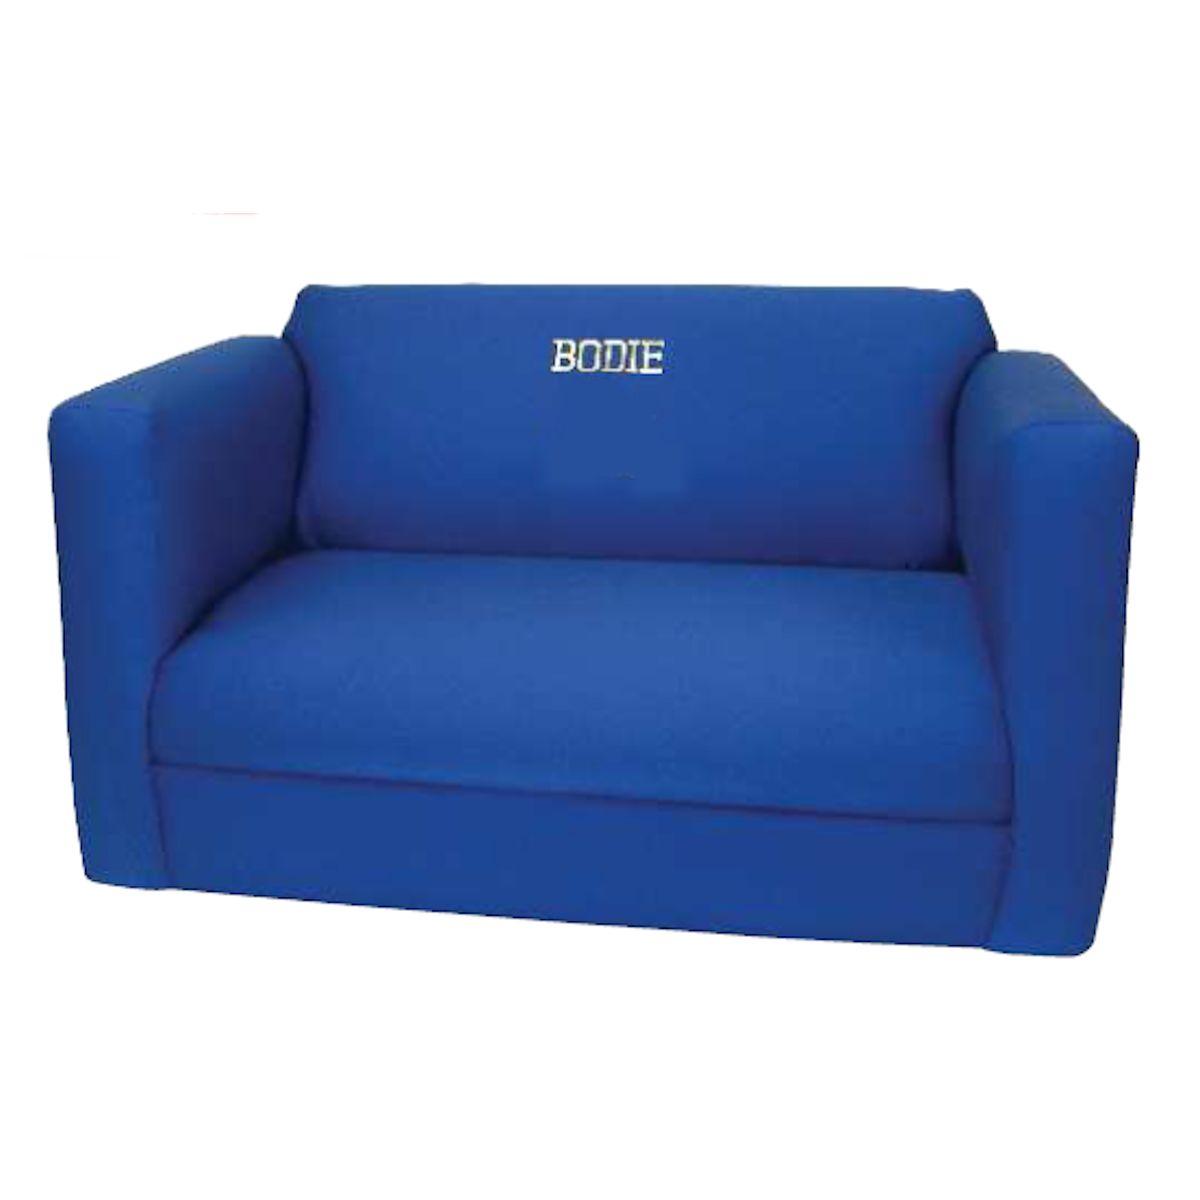 Children's sofa personalized kidu0027s sofa (picture 1/3) ZFOHITR